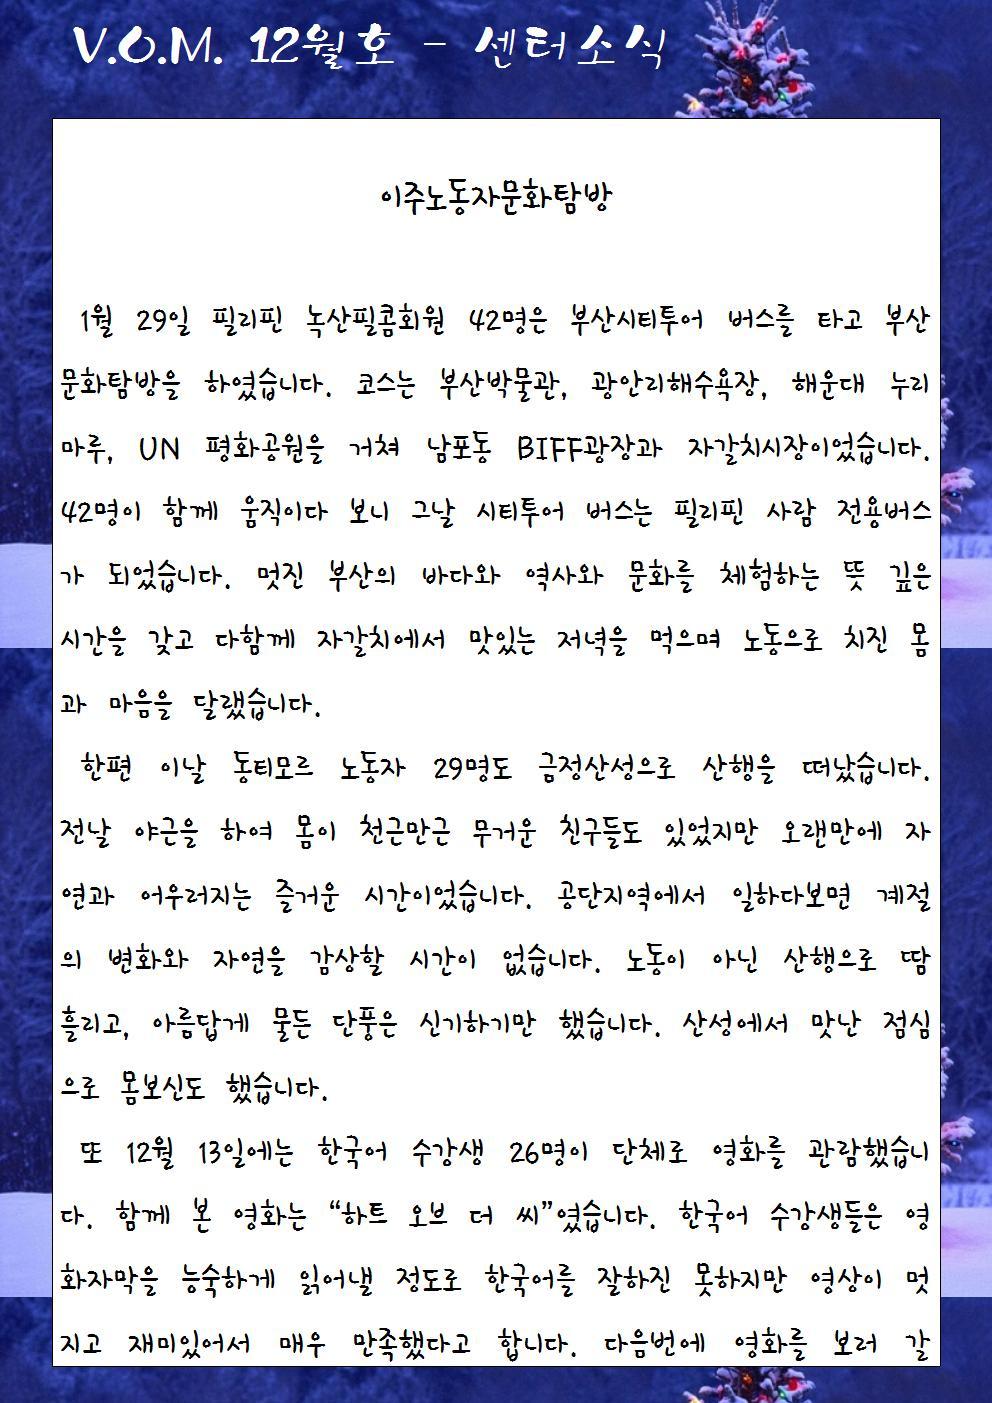 센터소식 - 문화탐방001